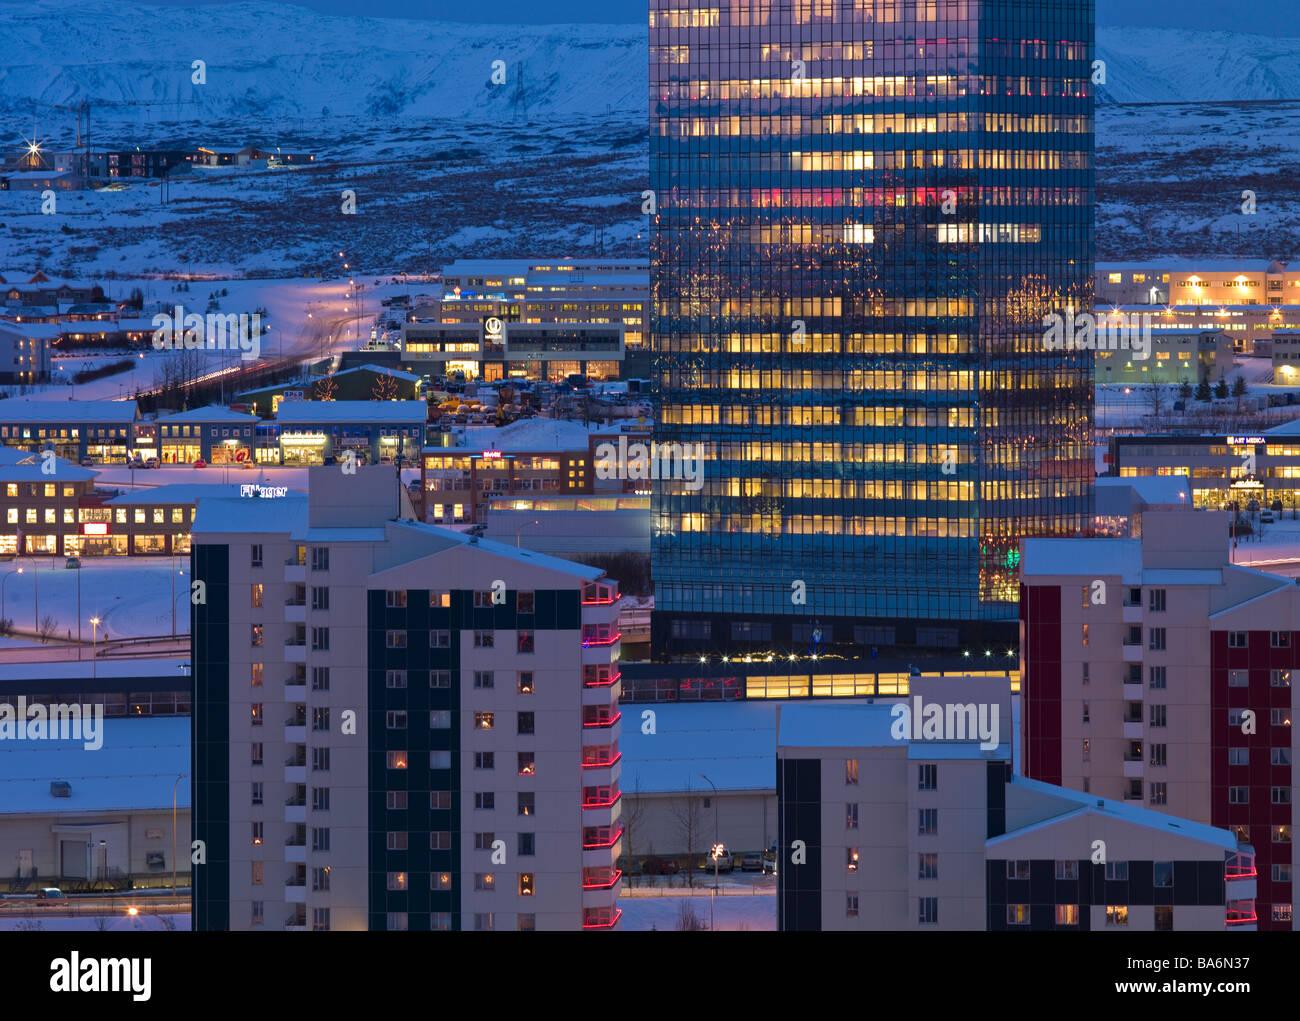 Kopavogur, suburb of Reykjavik, Iceland - Stock Image